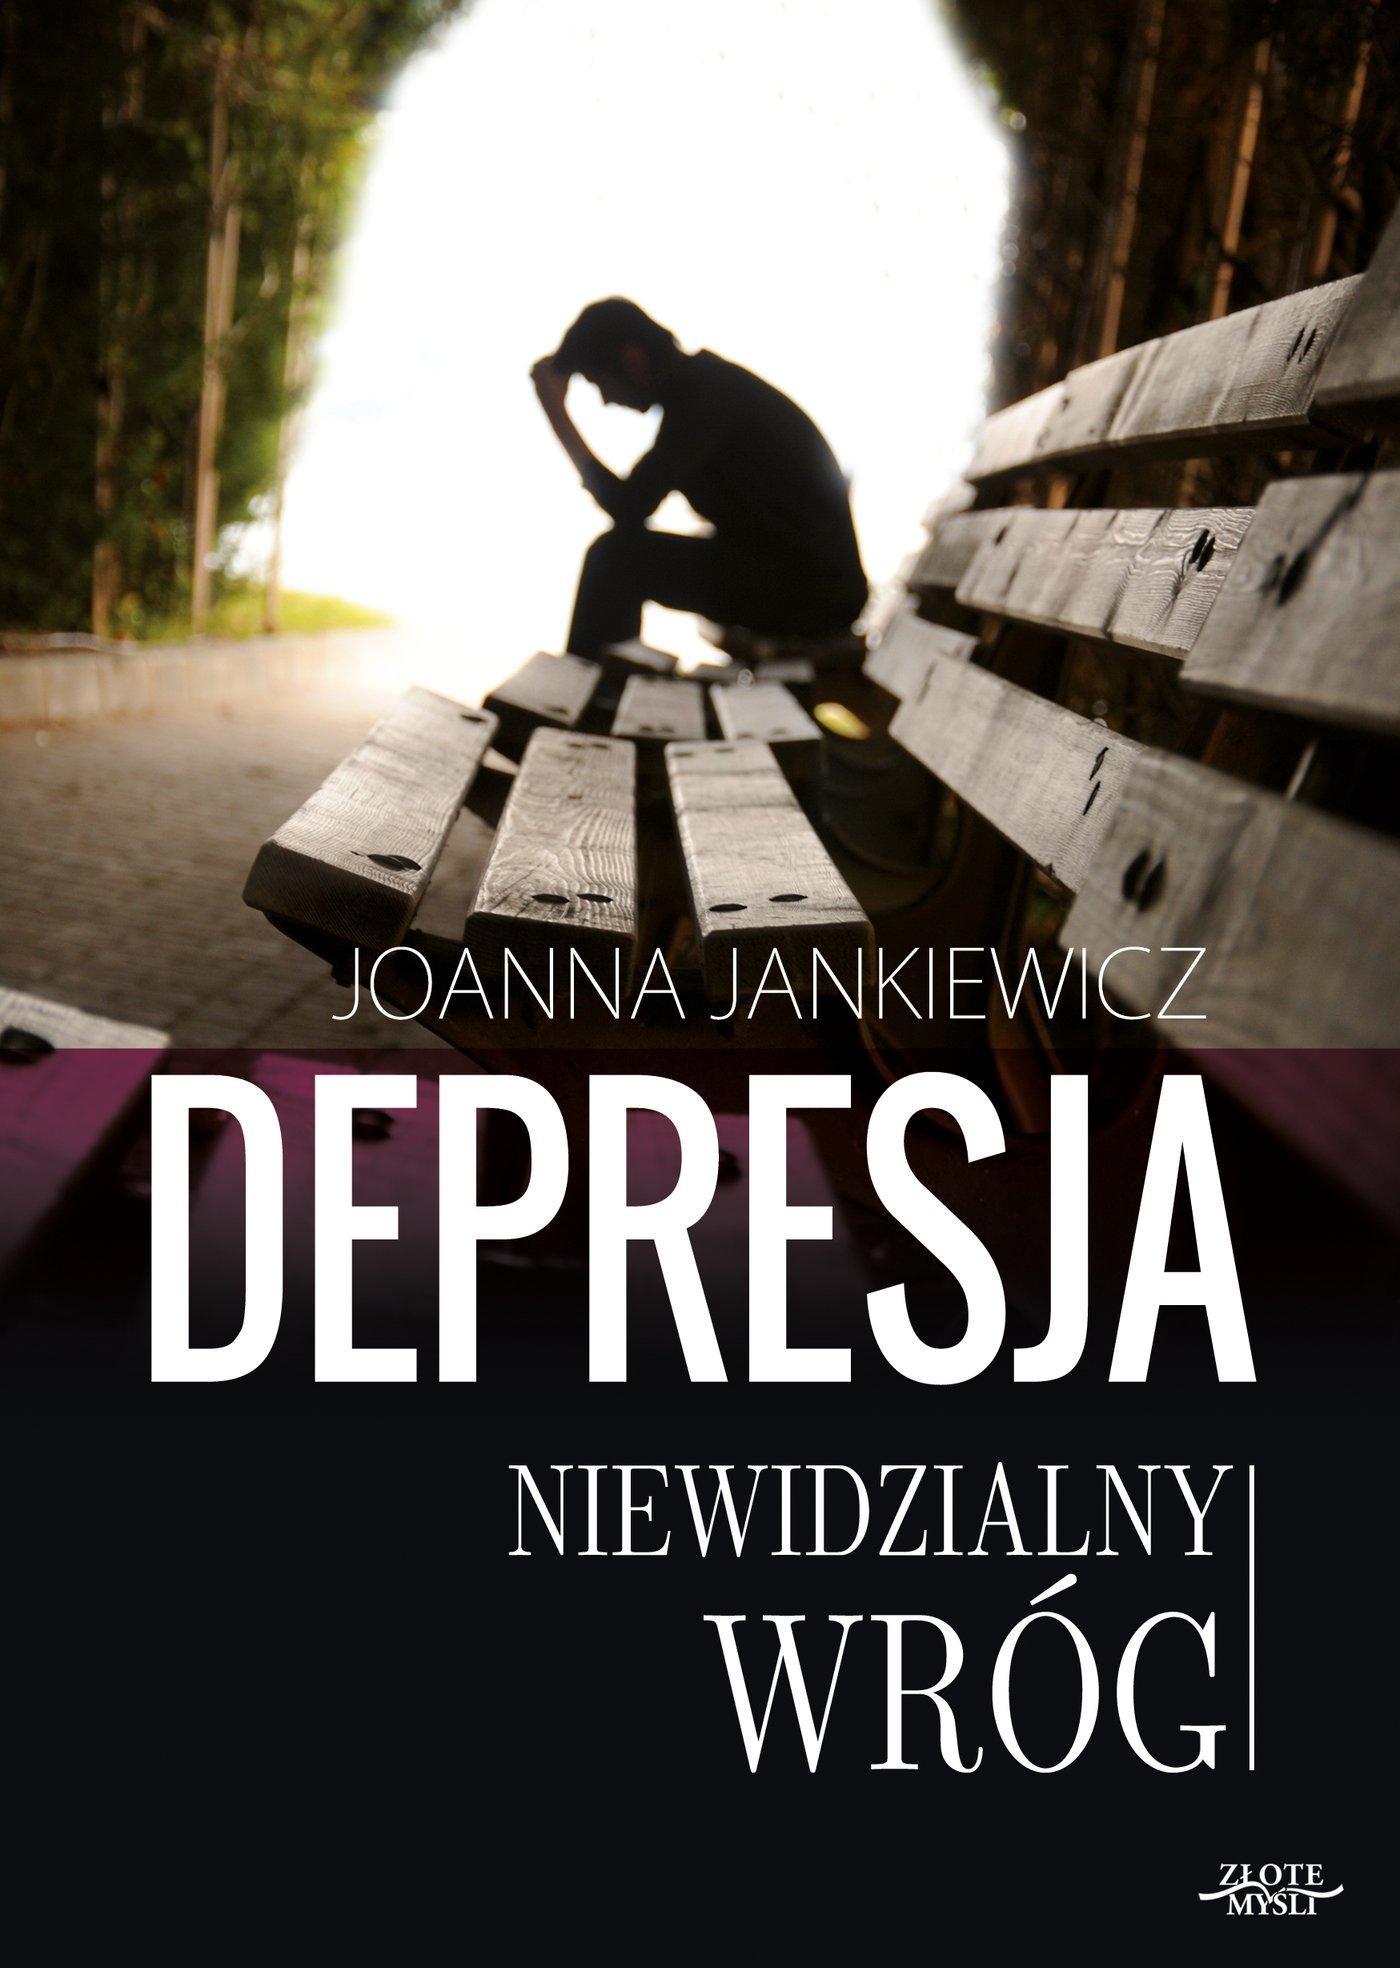 Depresja niewidzialny wróg - Ebook (Książka EPUB) do pobrania w formacie EPUB